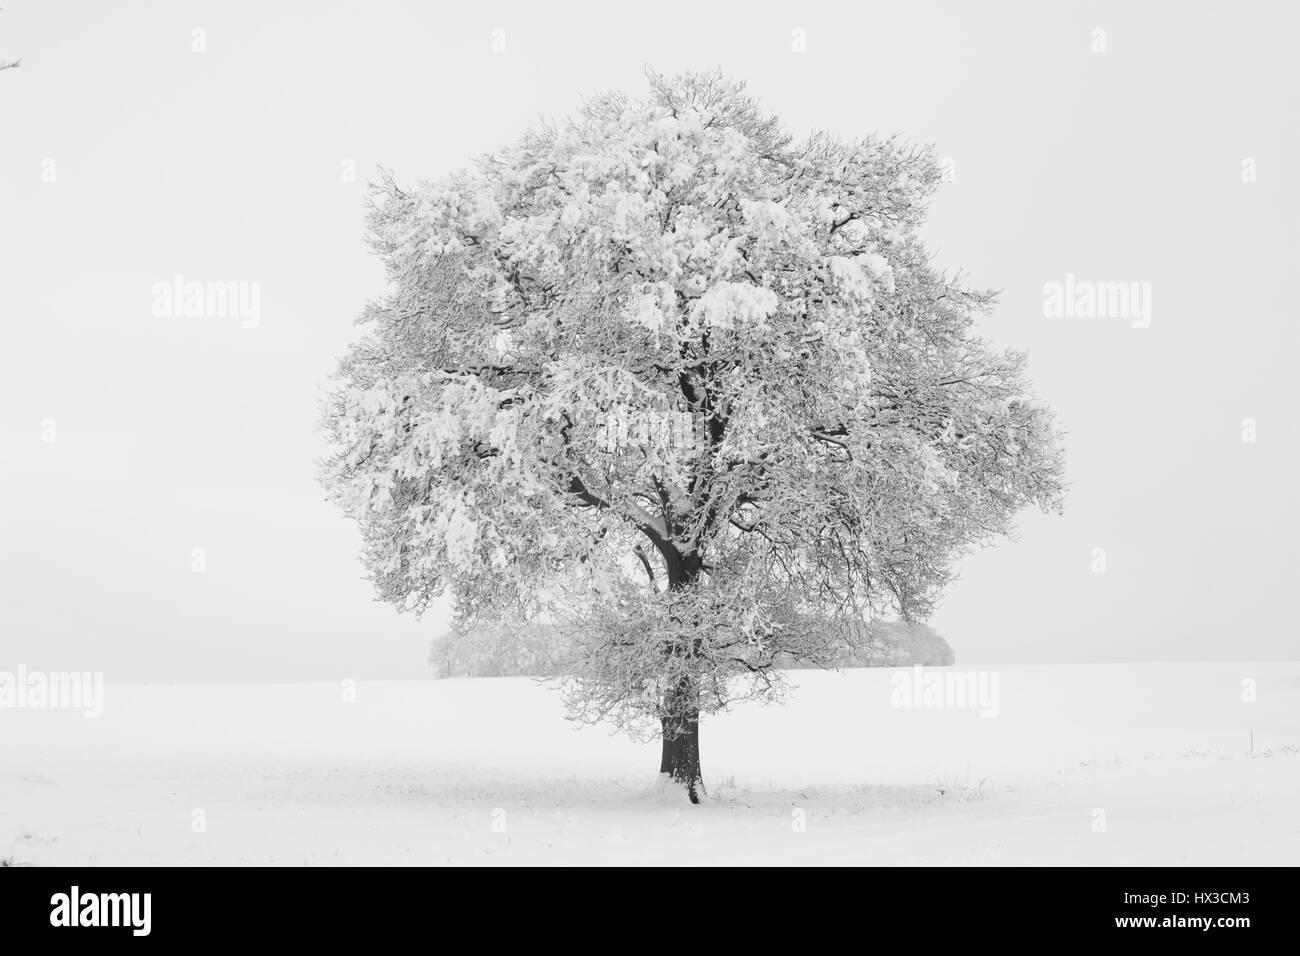 Snow laden alberi nel paesaggio innevato,Wooton St Lawrence,Hampshire. Immagini Stock